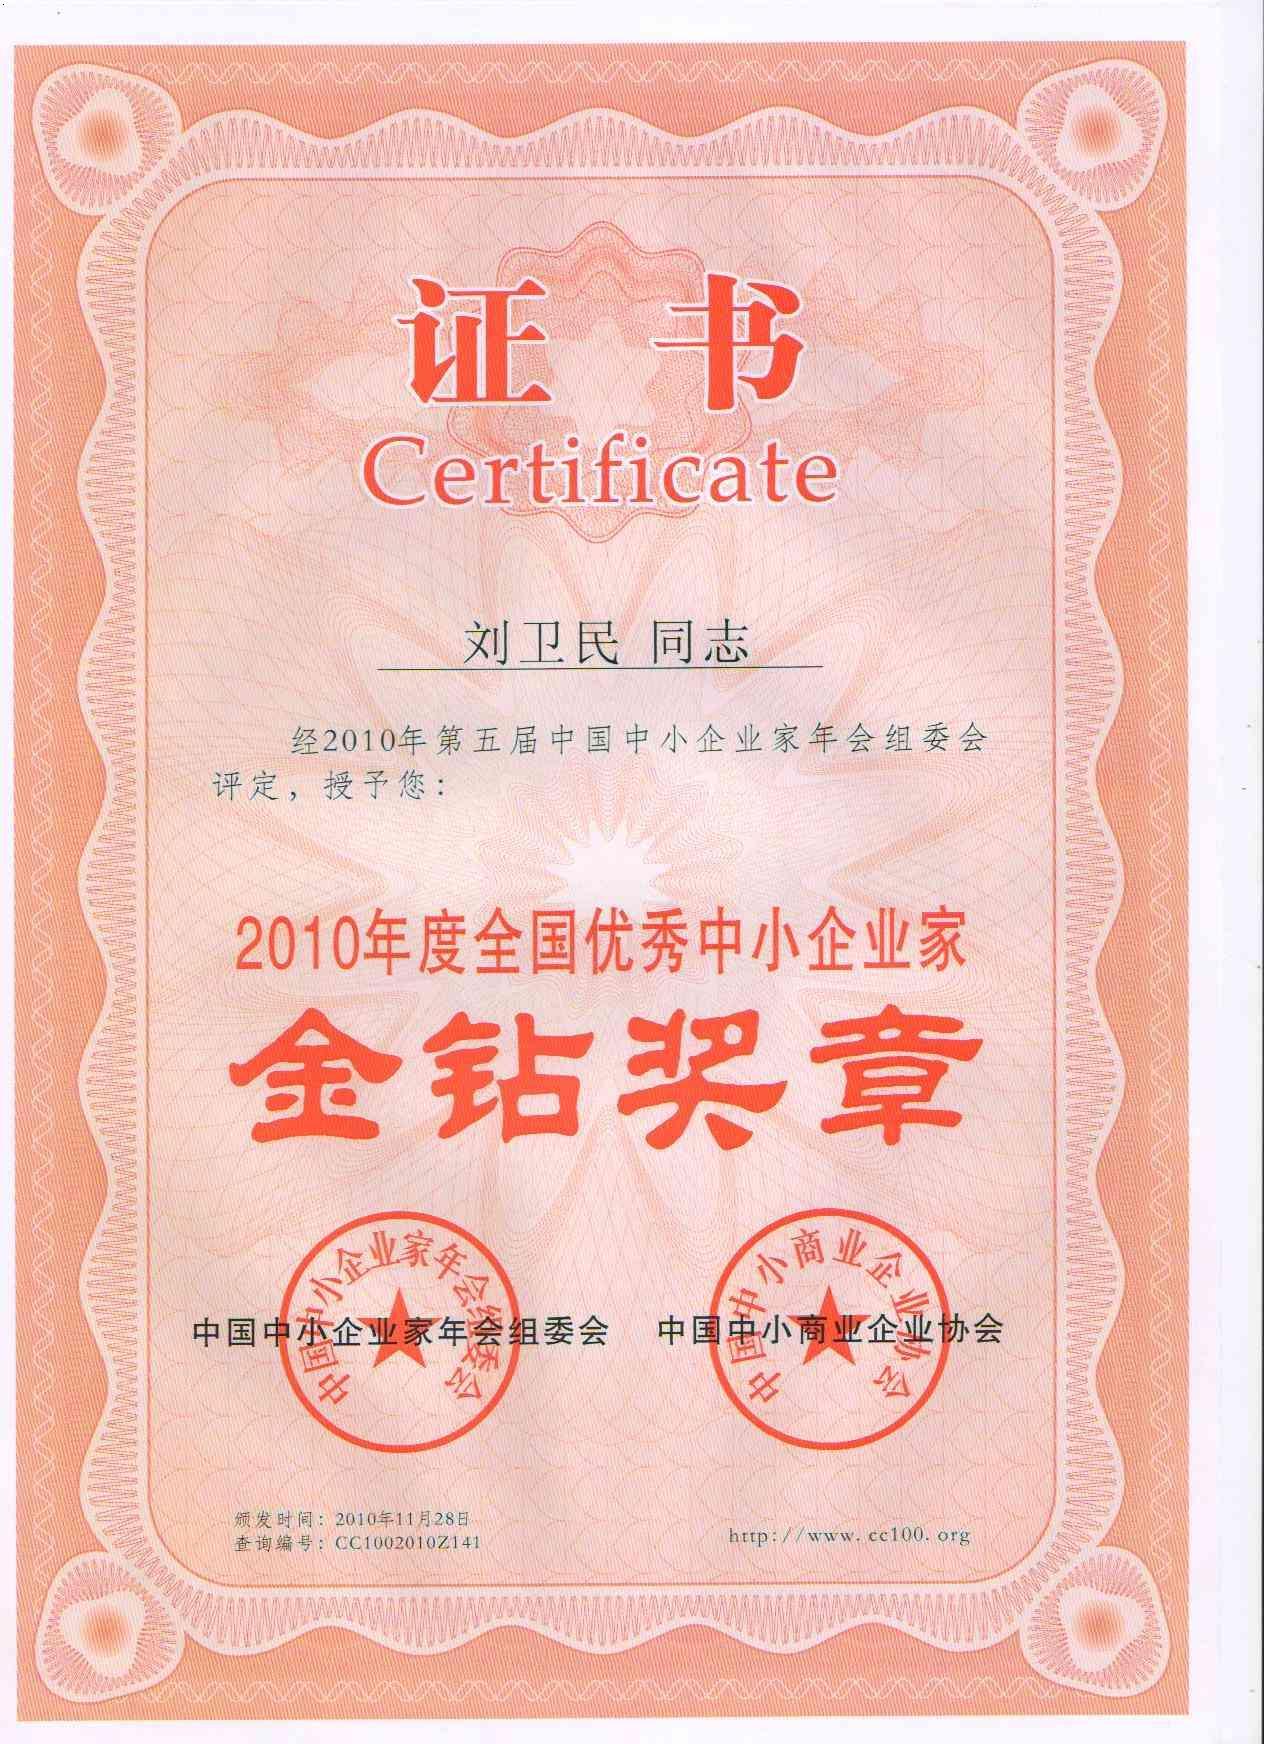 荣获2010年优秀中小企业家荣誉证书